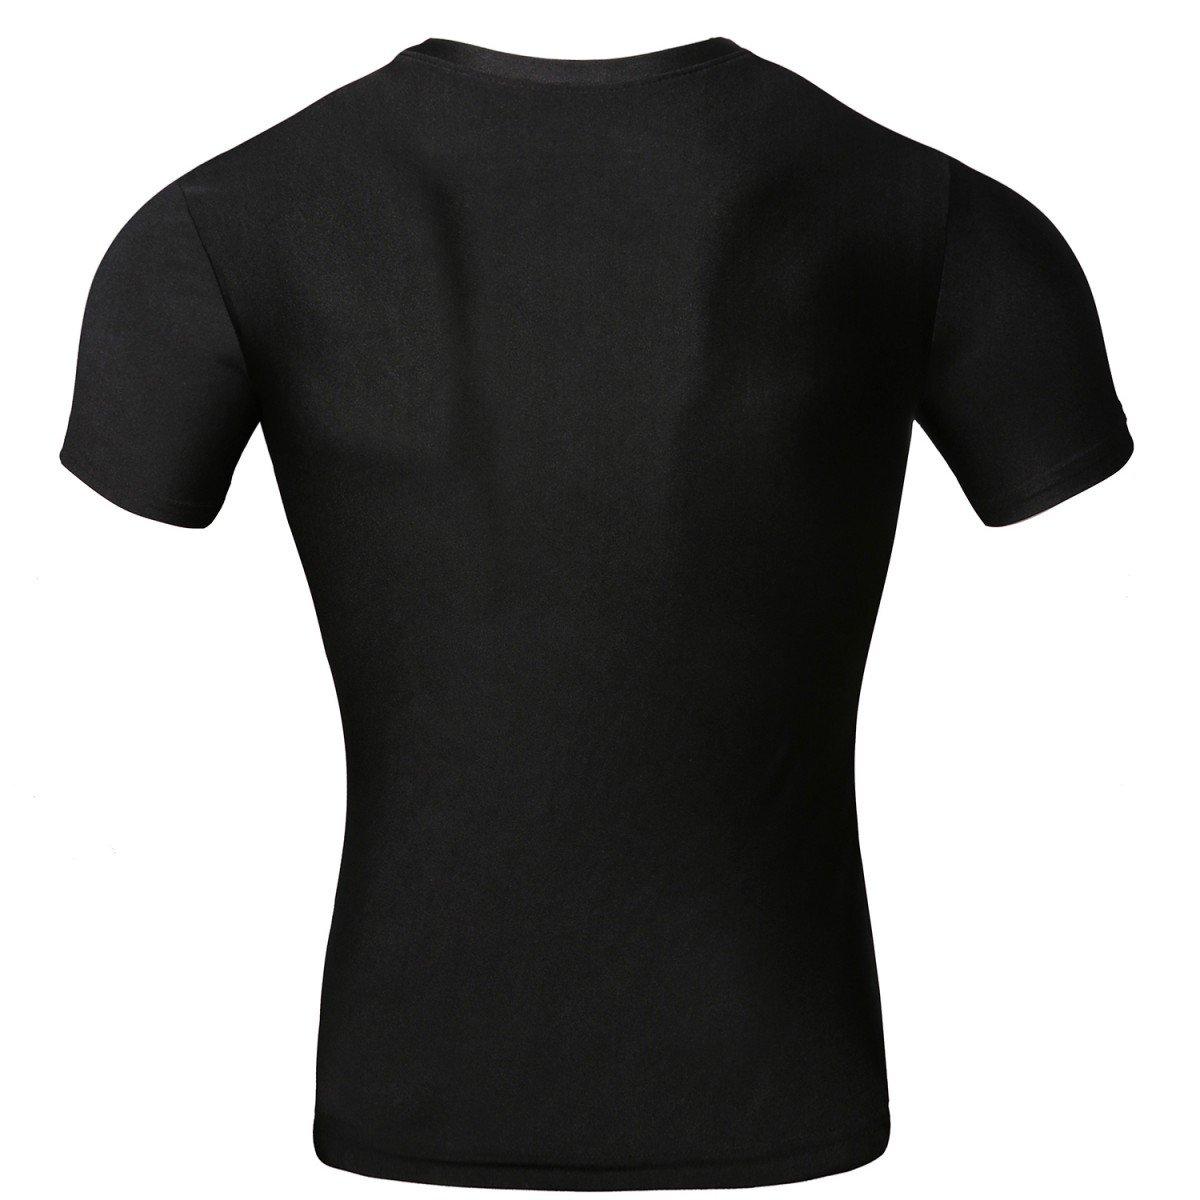 Cody Lundin Maschile Compressione di Super Eroe Fitness t-Shirt Uomo Jogging Movimento gestito Manica Corta